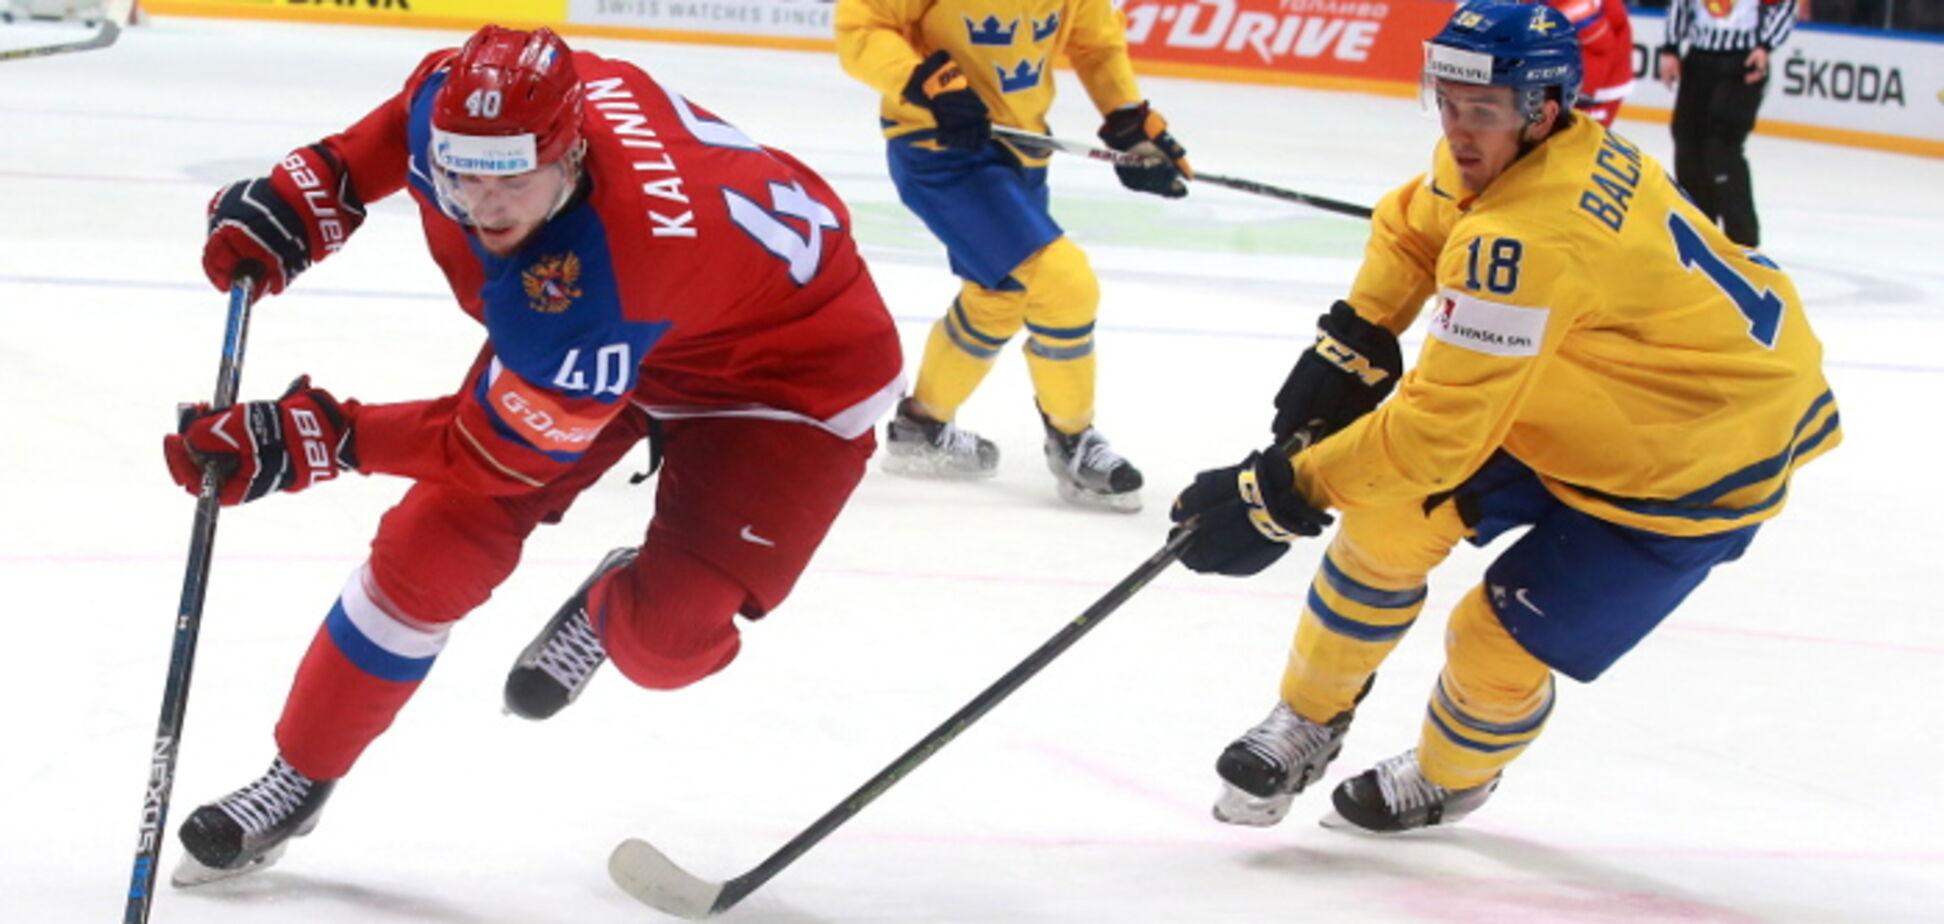 Росія вперше за 14 років програла Швеції на ЧС з хокею: опубліковано відео